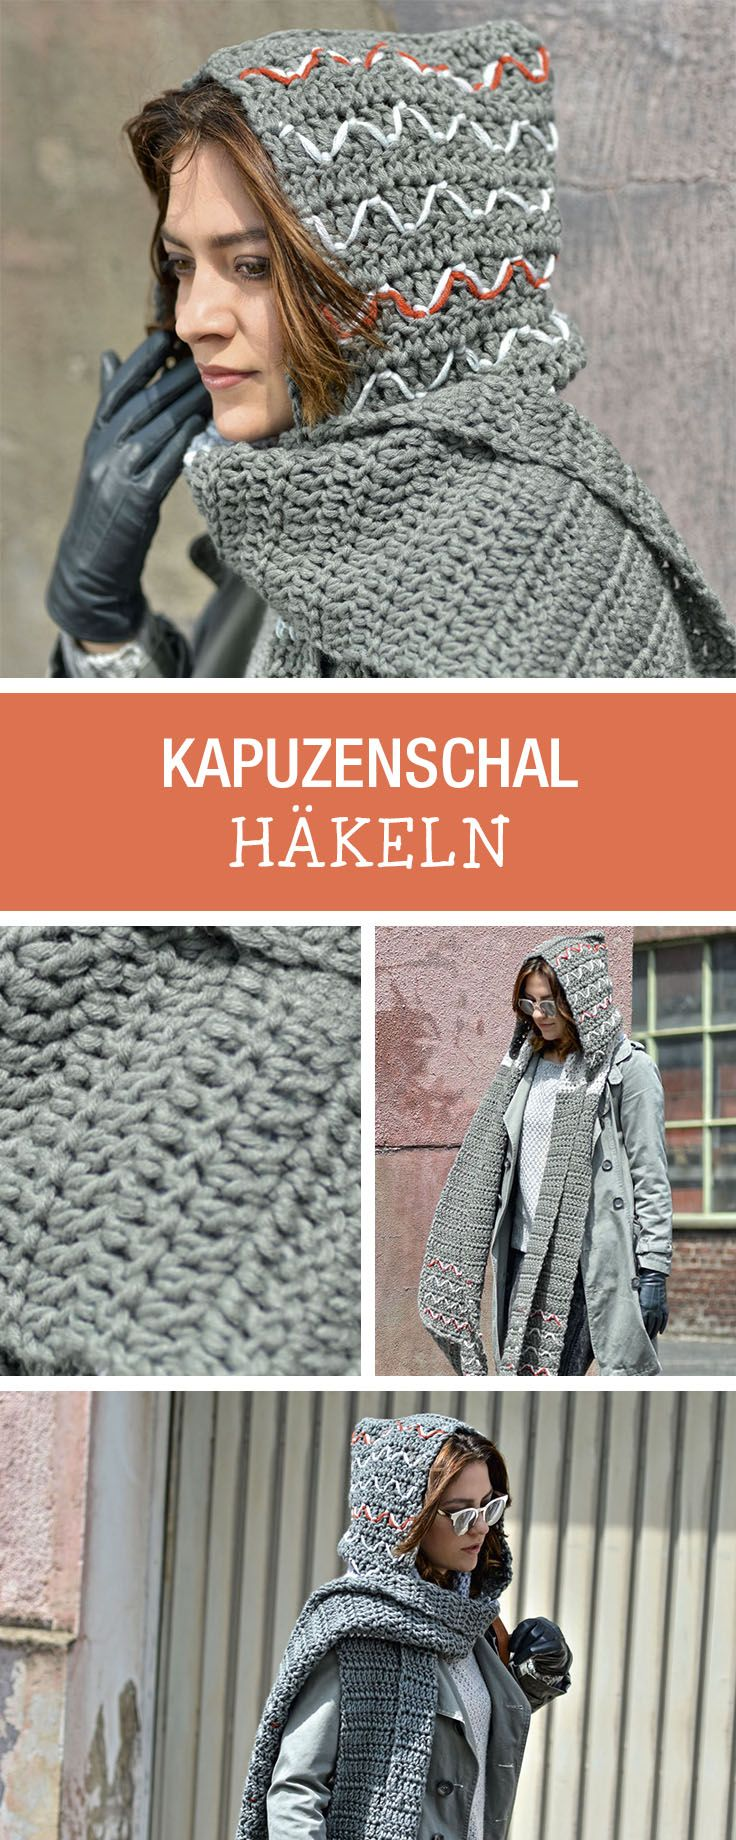 Häkeln Diy Anleitungen Pinterest Kapuzenschals Modetrends Und